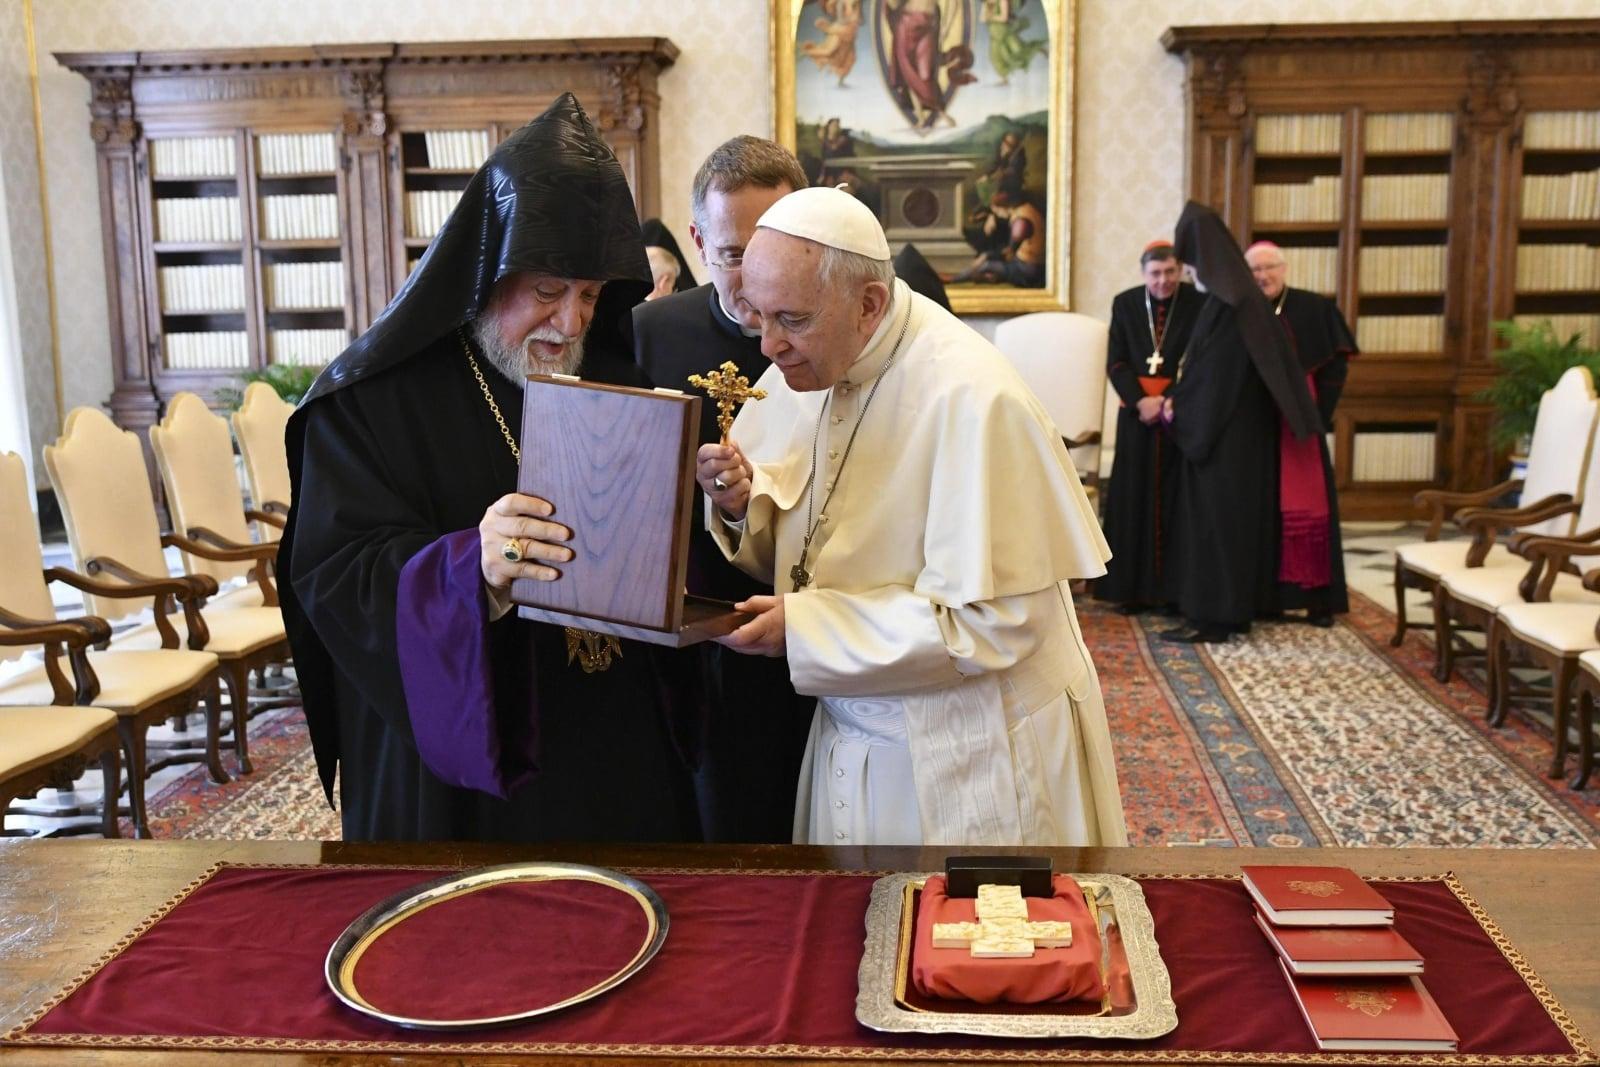 Przedstawiciele Kościoła armeńskiego u papieża Franciszka  EPA/ALBERTO PIZZOLI